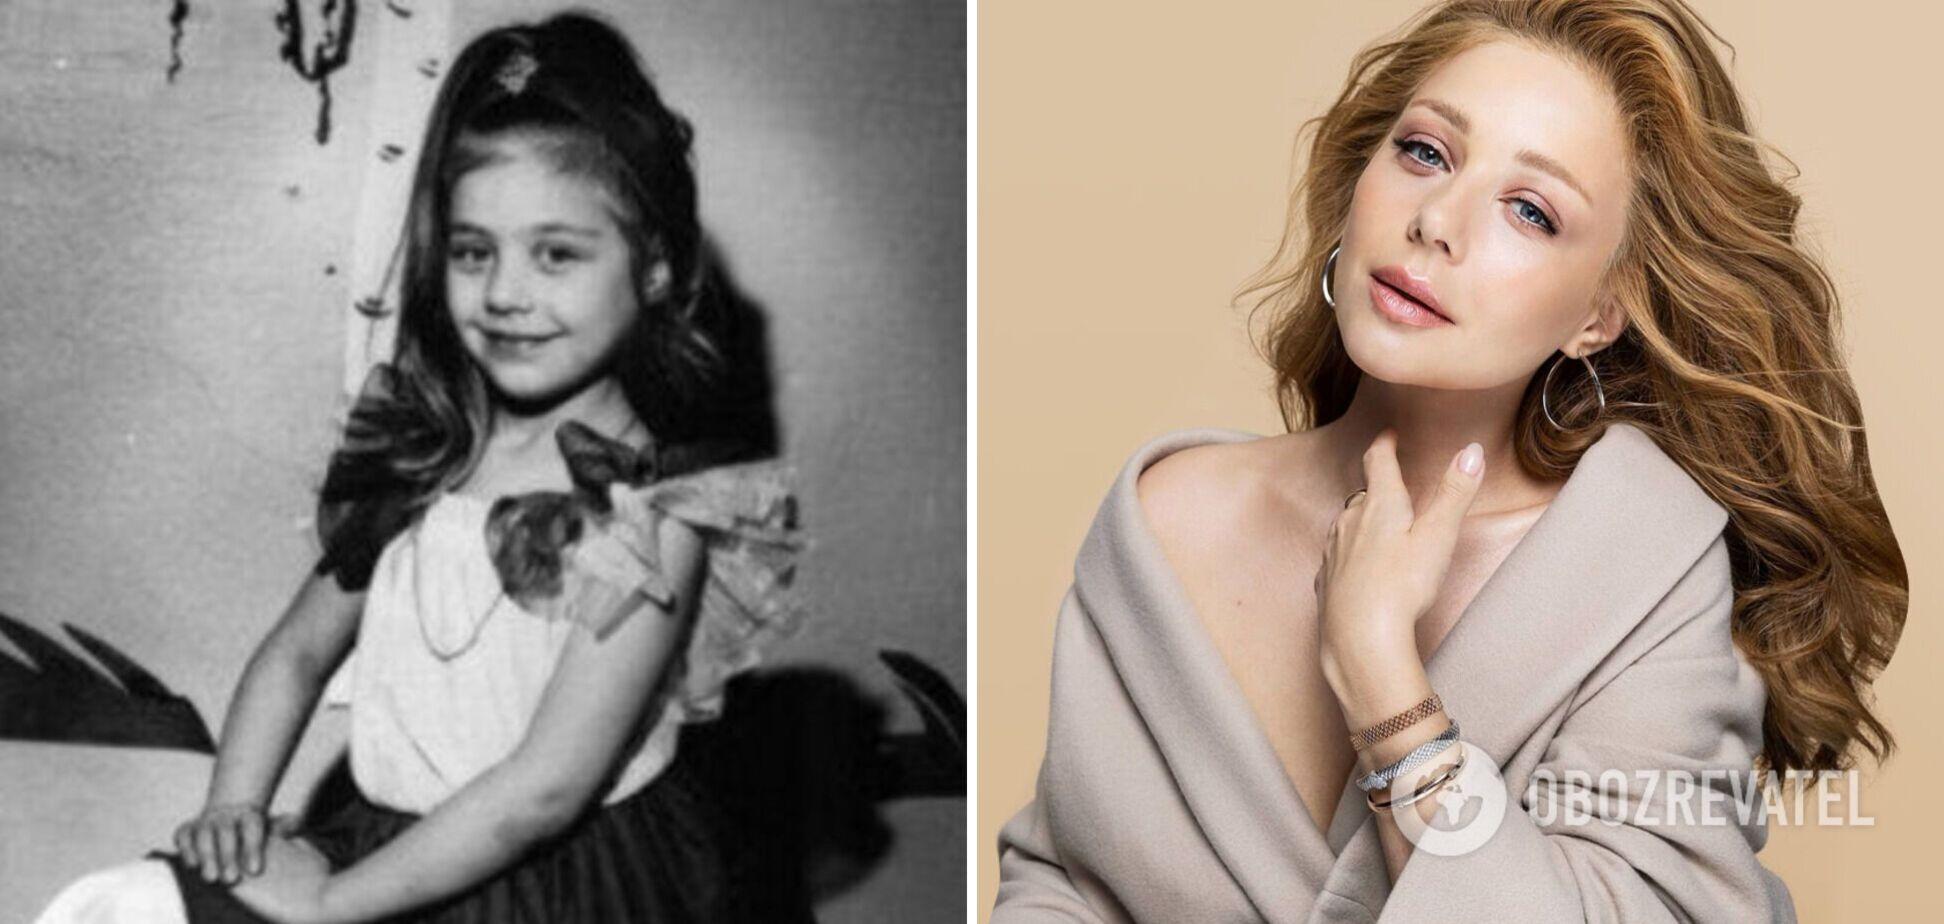 Як змінювалася Тіна Кароль протягом кар'єри: яскраві фото зірки